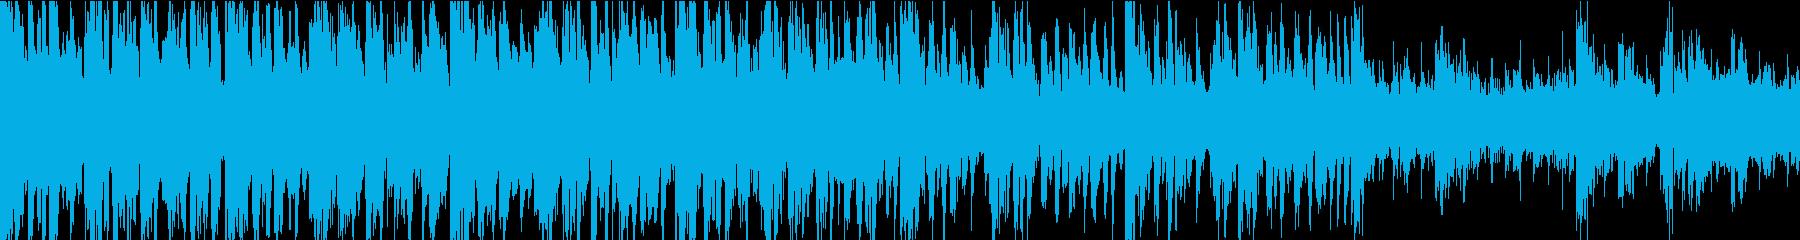 ポジティブで心地よいドラムンベース...の再生済みの波形